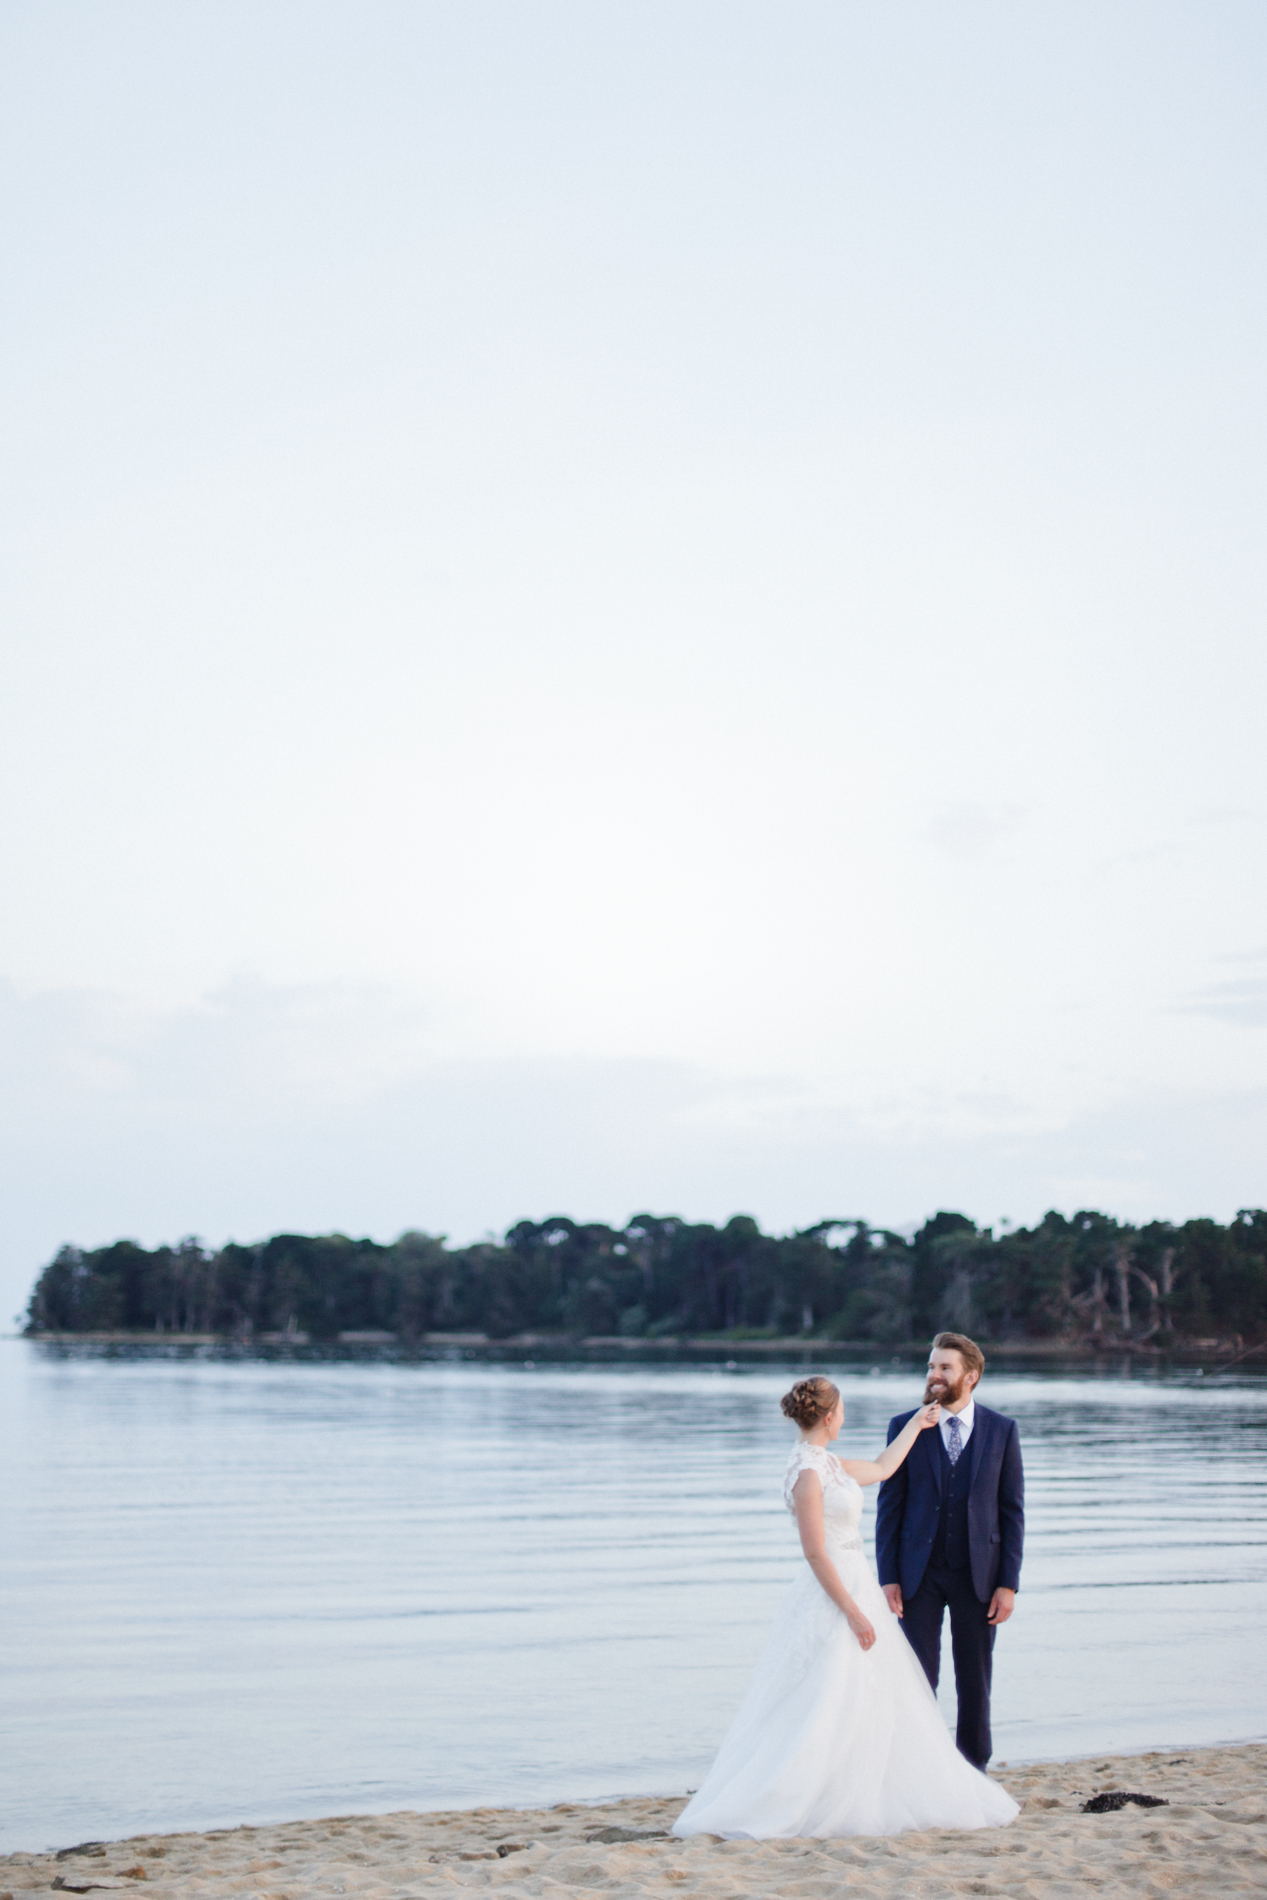 photographe-mariage-bretagne-maria-thomas-100